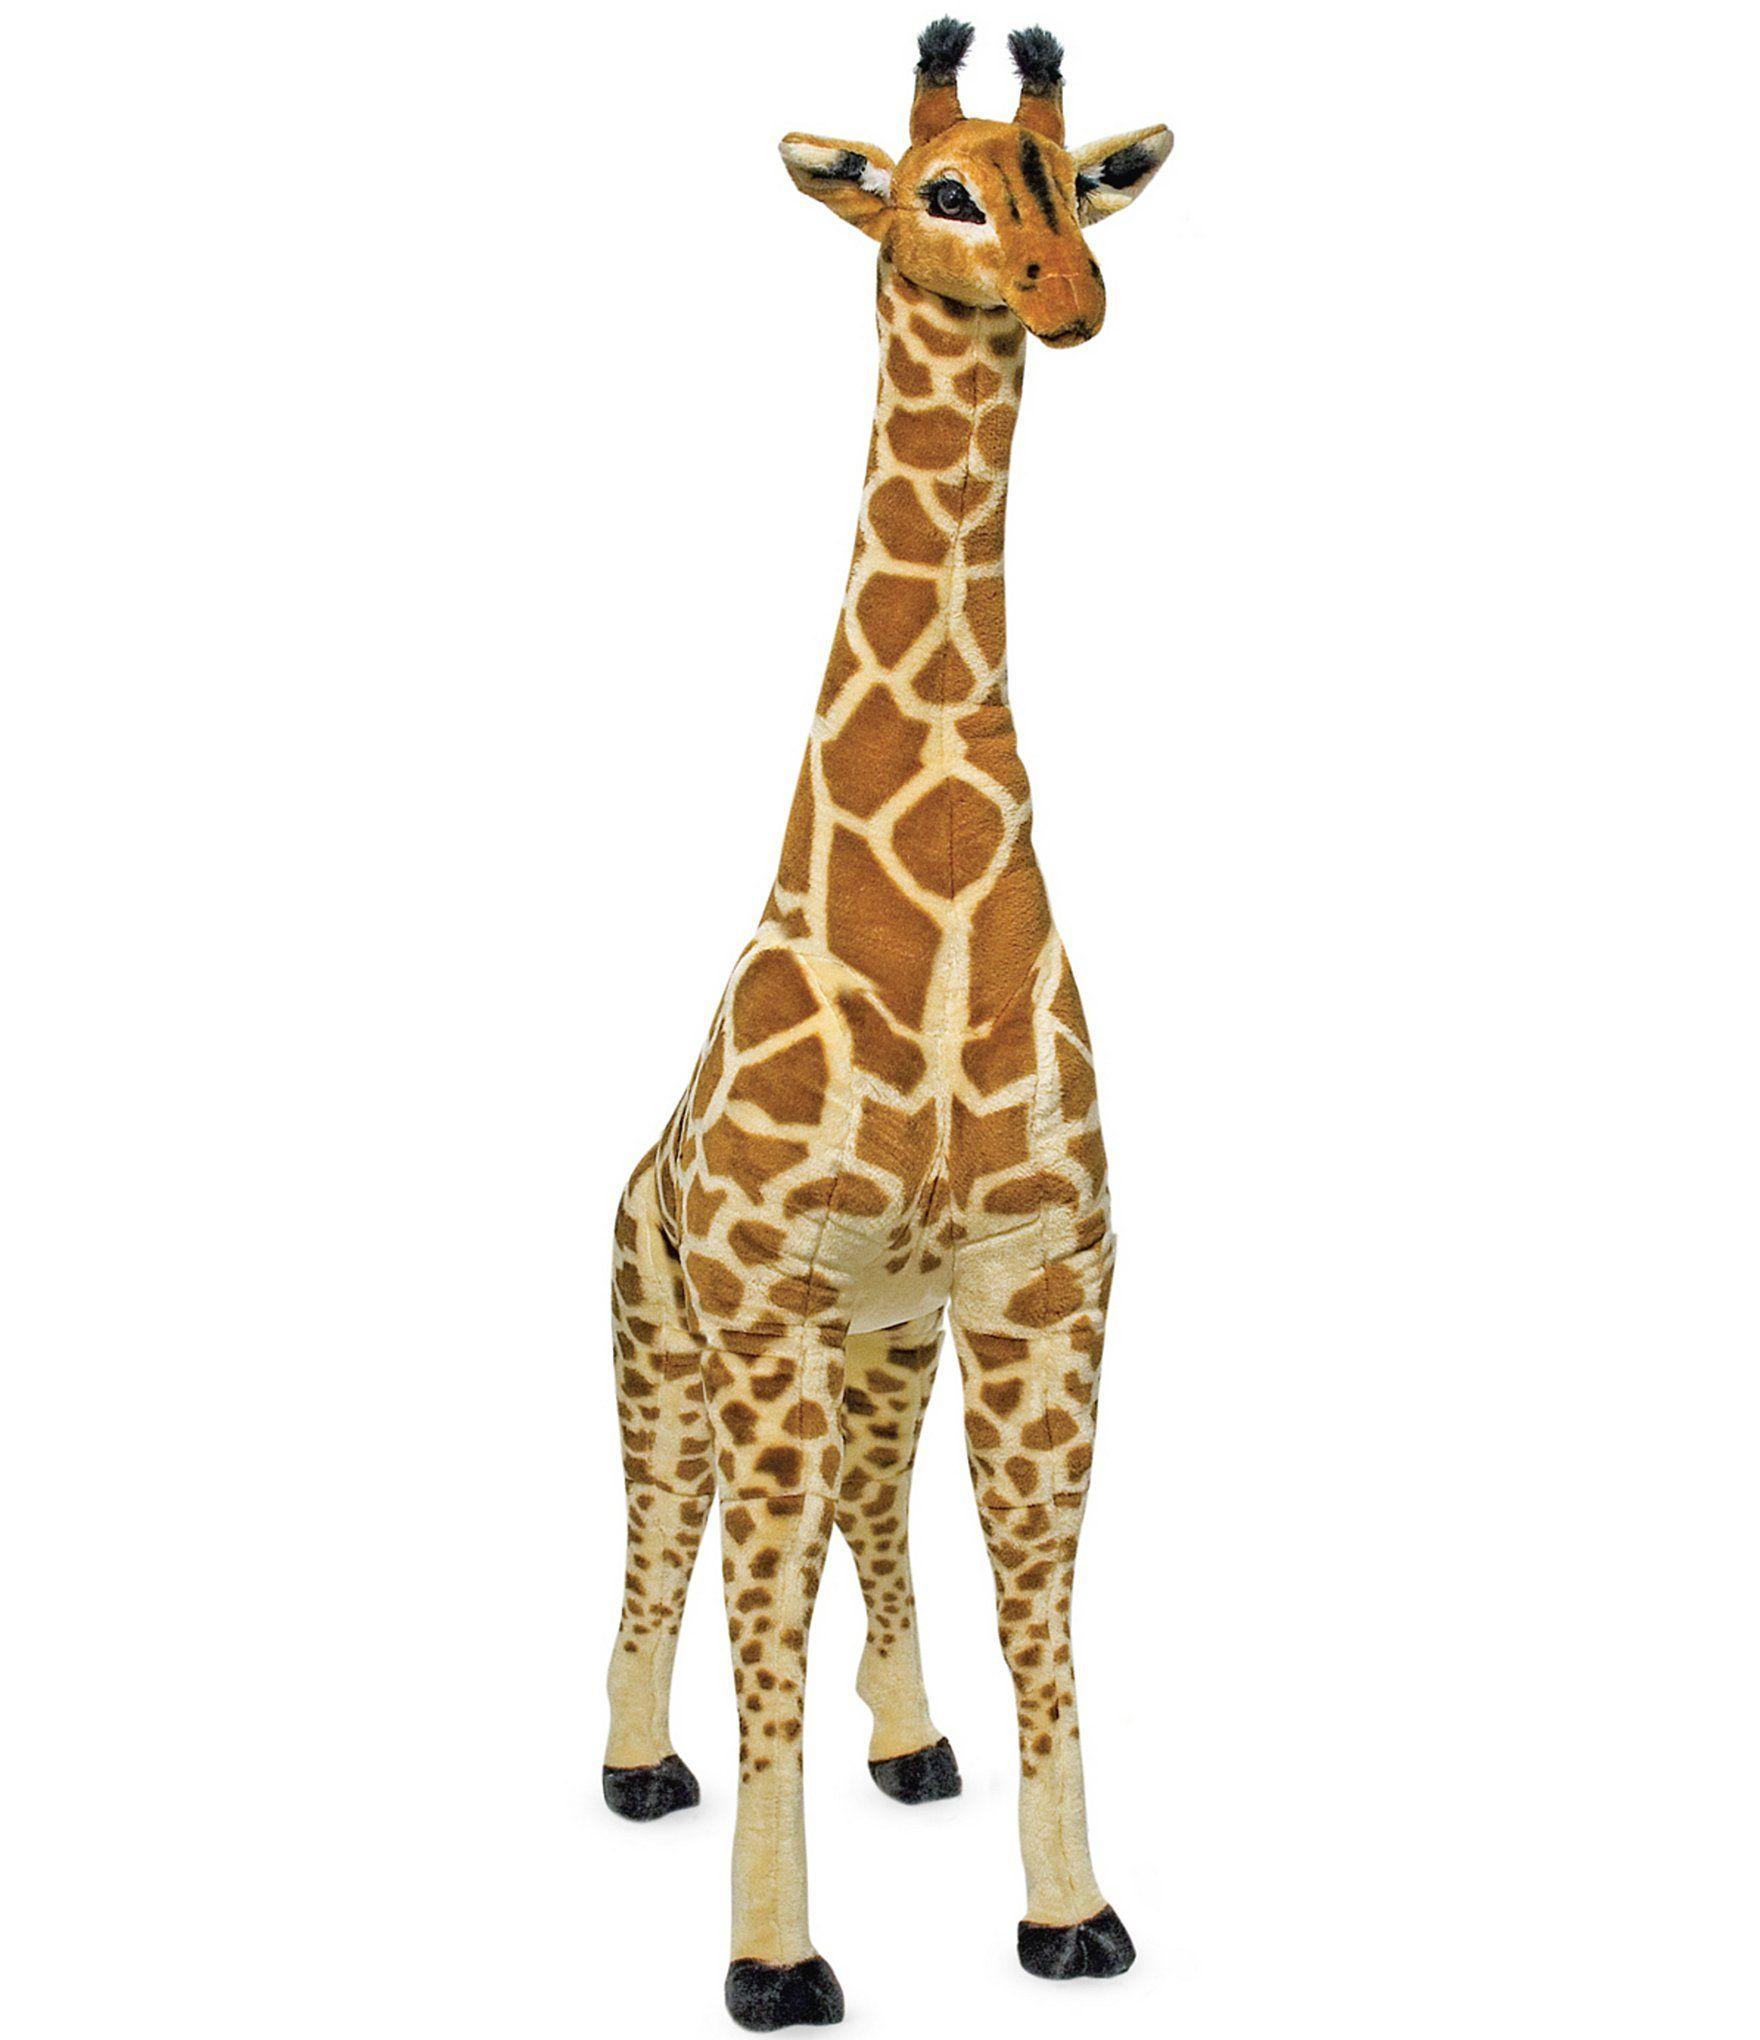 Melissa Doug Giraffe Giant Stuffed Animal Dillard S In 2021 Giant Stuffed Animals Giant Stuffed Giraffe Large Giraffe Stuffed Animal [ 2040 x 1760 Pixel ]